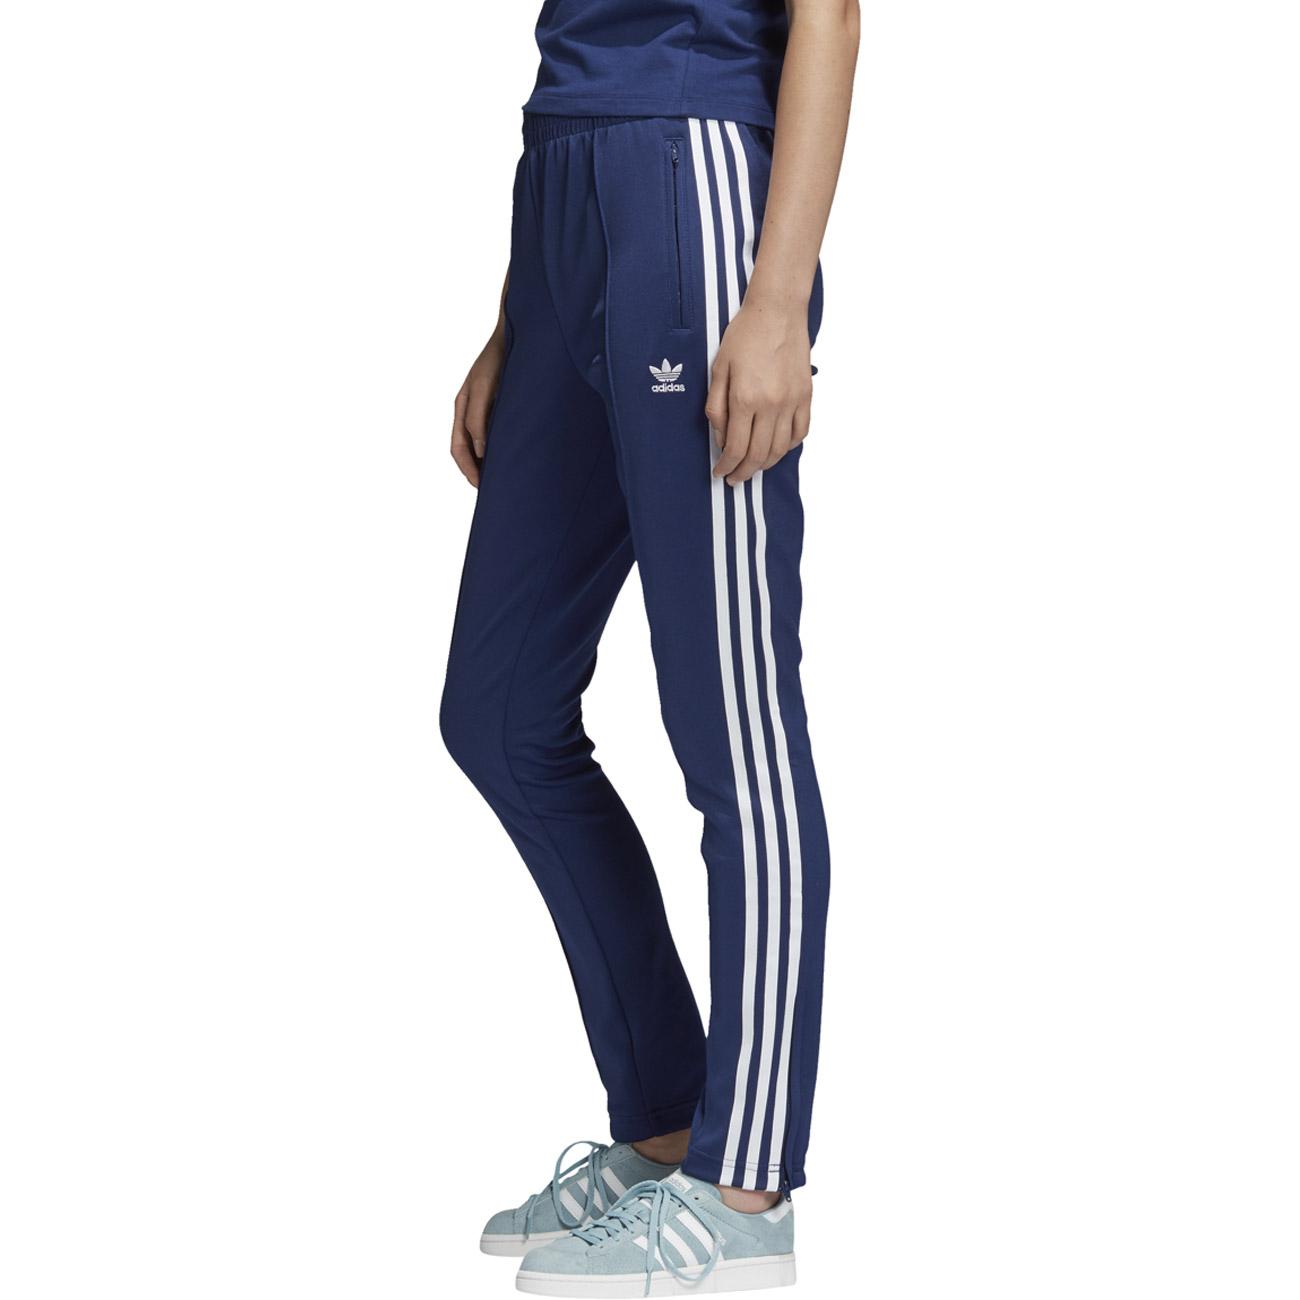 Damen Hose Damen Sst Originals Hose Sst Adidas Originals